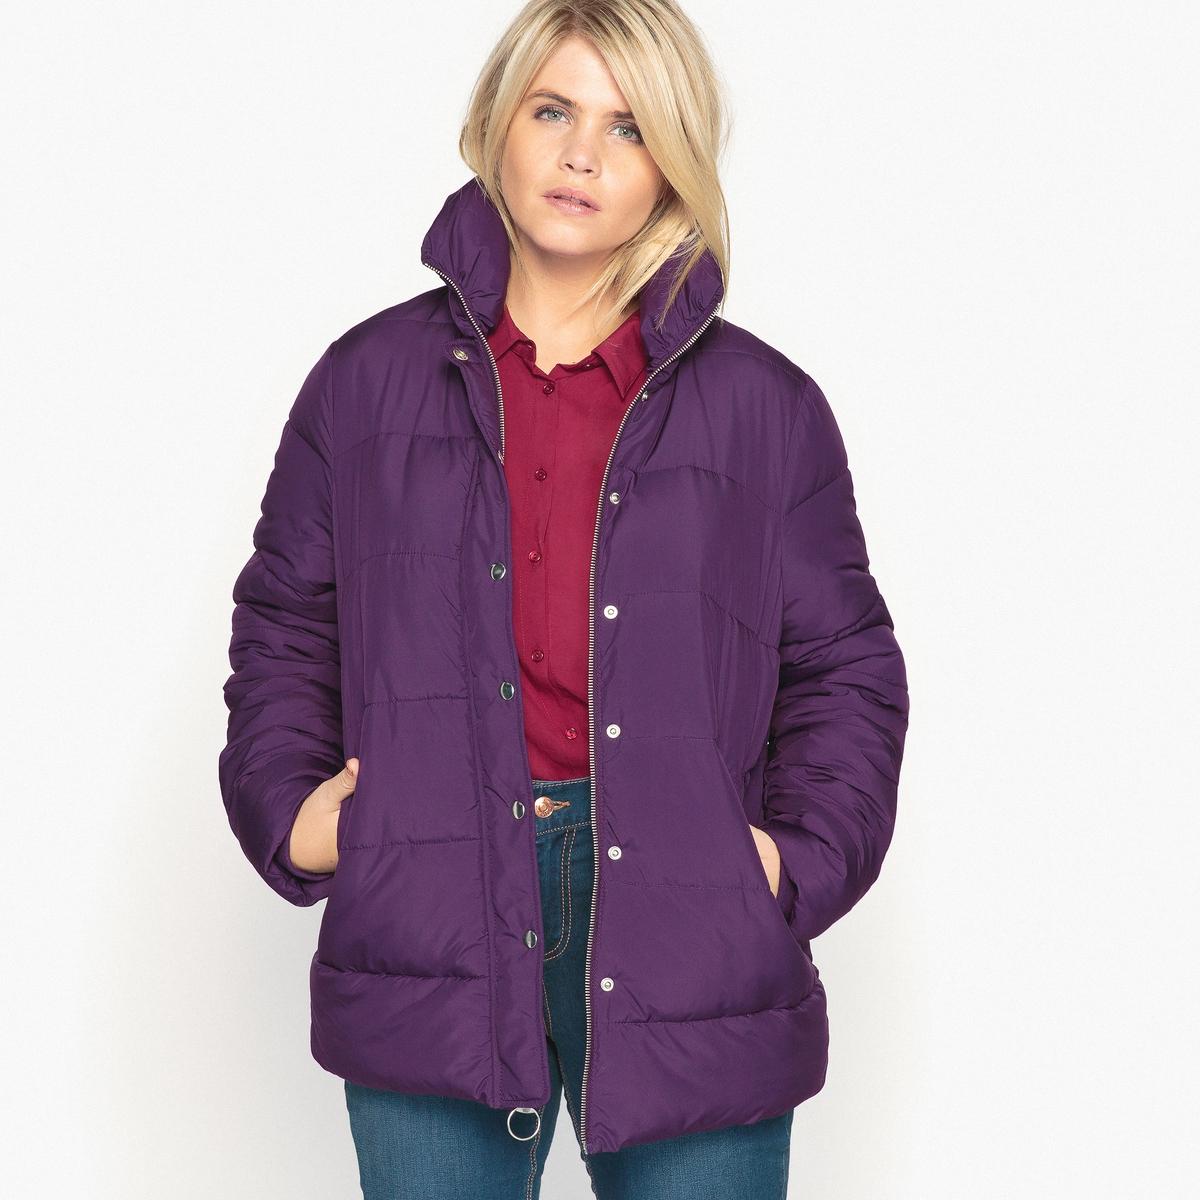 Куртка стеганаяСтеганая куртка является неотъемлемым предметом зимнего гардероба. Она отлично сочетается с джинсами-слим или прямой юбкой.Детали  •  Длина : средняя •  Воротник-стойка •  Застежка на молниюСостав и уход  •  100% полиэстер  •  Подкладка : 100% полиэстер •  Температура стирки 30° на деликатном режиме   •  Сухая чистка и отбеливание запрещены •  Не использовать барабанную сушку •  Не гладить  Товар из коллекции больших размеров •  2 кармана на молниях.<br><br>Цвет: темно-фиолетовый<br>Размер: 42 (FR) - 48 (RUS)